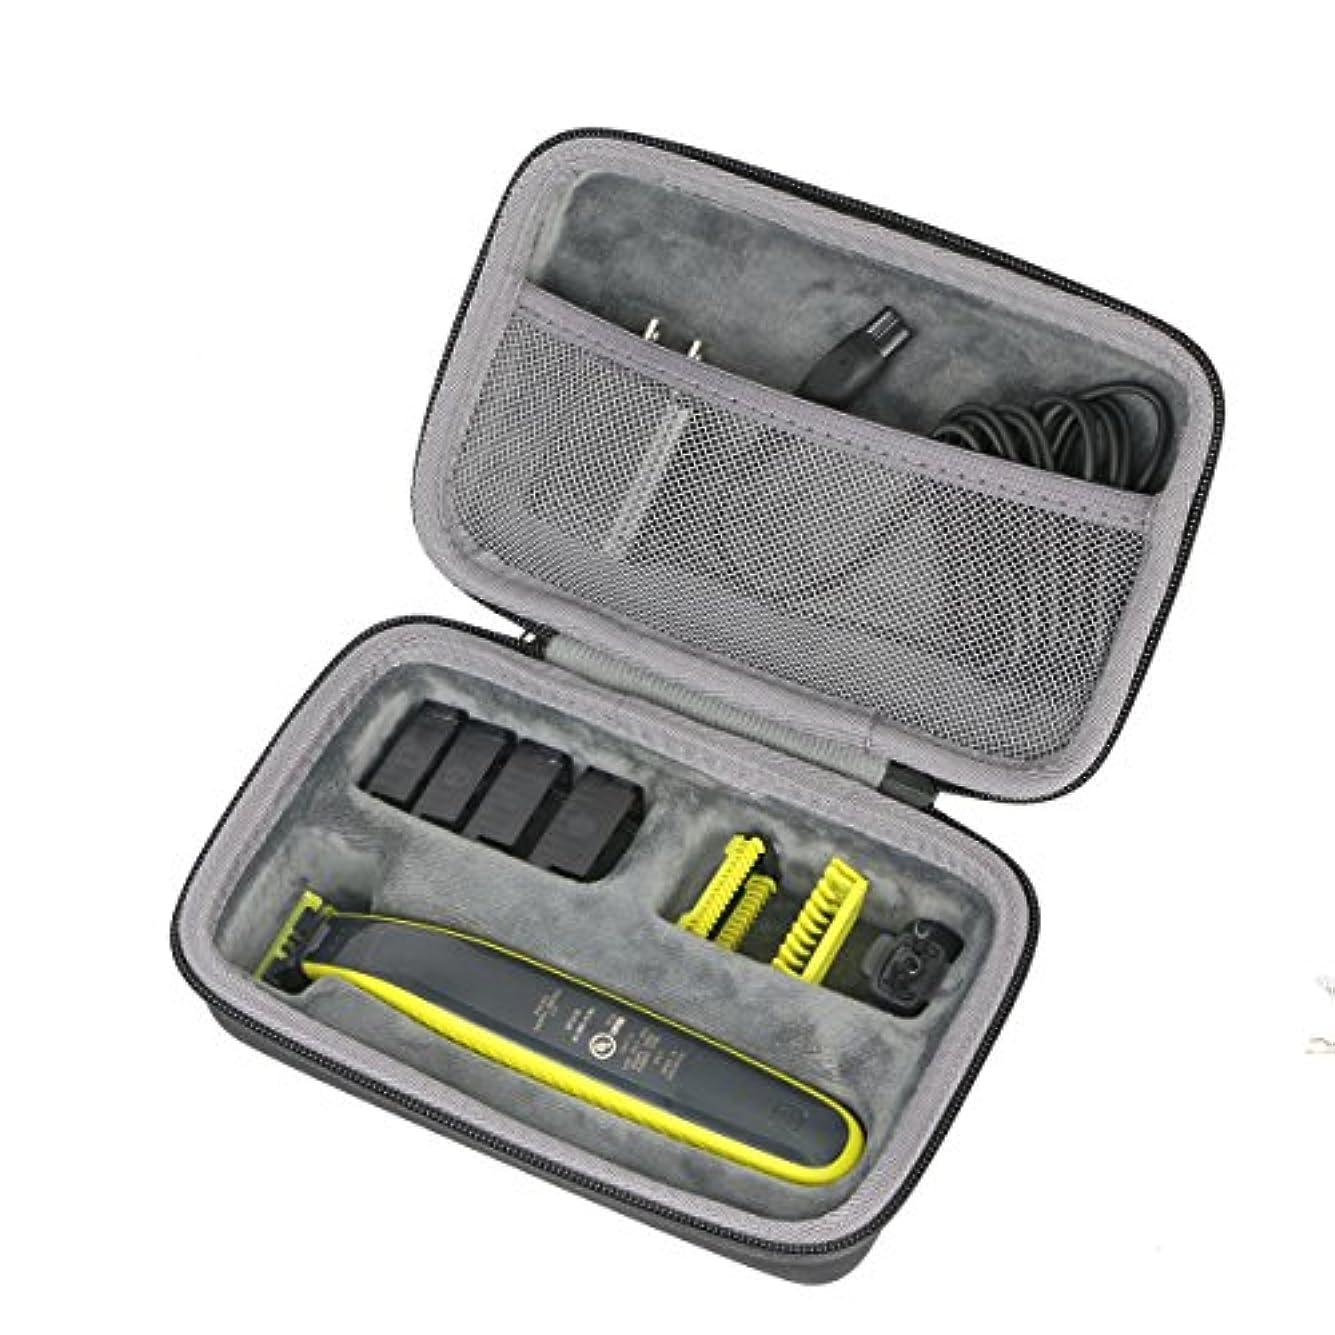 創造塗抹ウガンダPhilips Norelco OneBlade Hybrid Rechargeable Trimmer QP2630/70ノ専用旅行収納 デザインノco2CREA バッグ